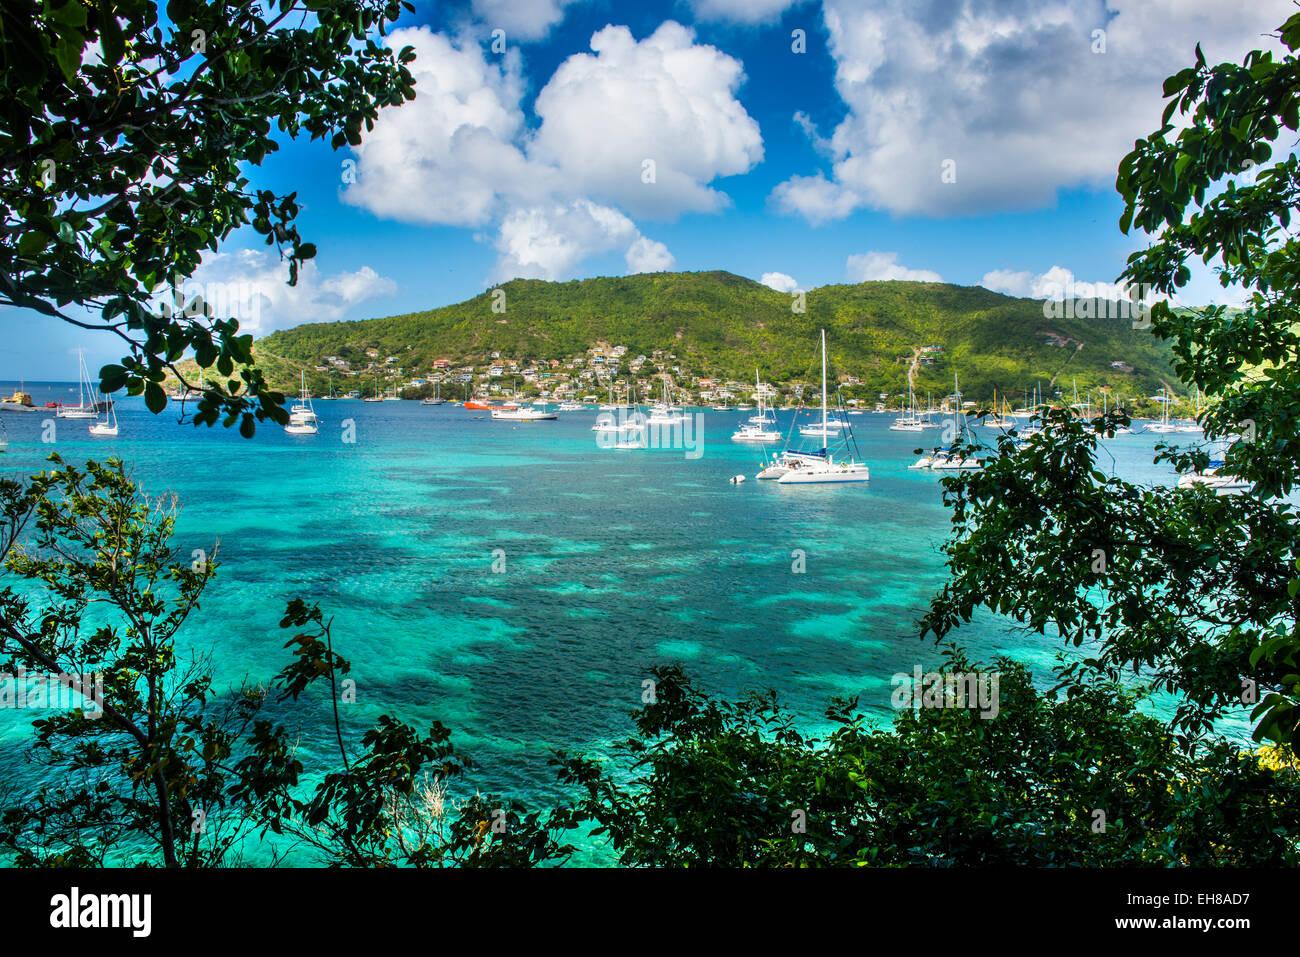 L'ancrage des bateaux à voile à Port Elizabeth, Admiralty Bay, Bequia, Grenadines, Iles du Vent, Antilles, Photo Stock